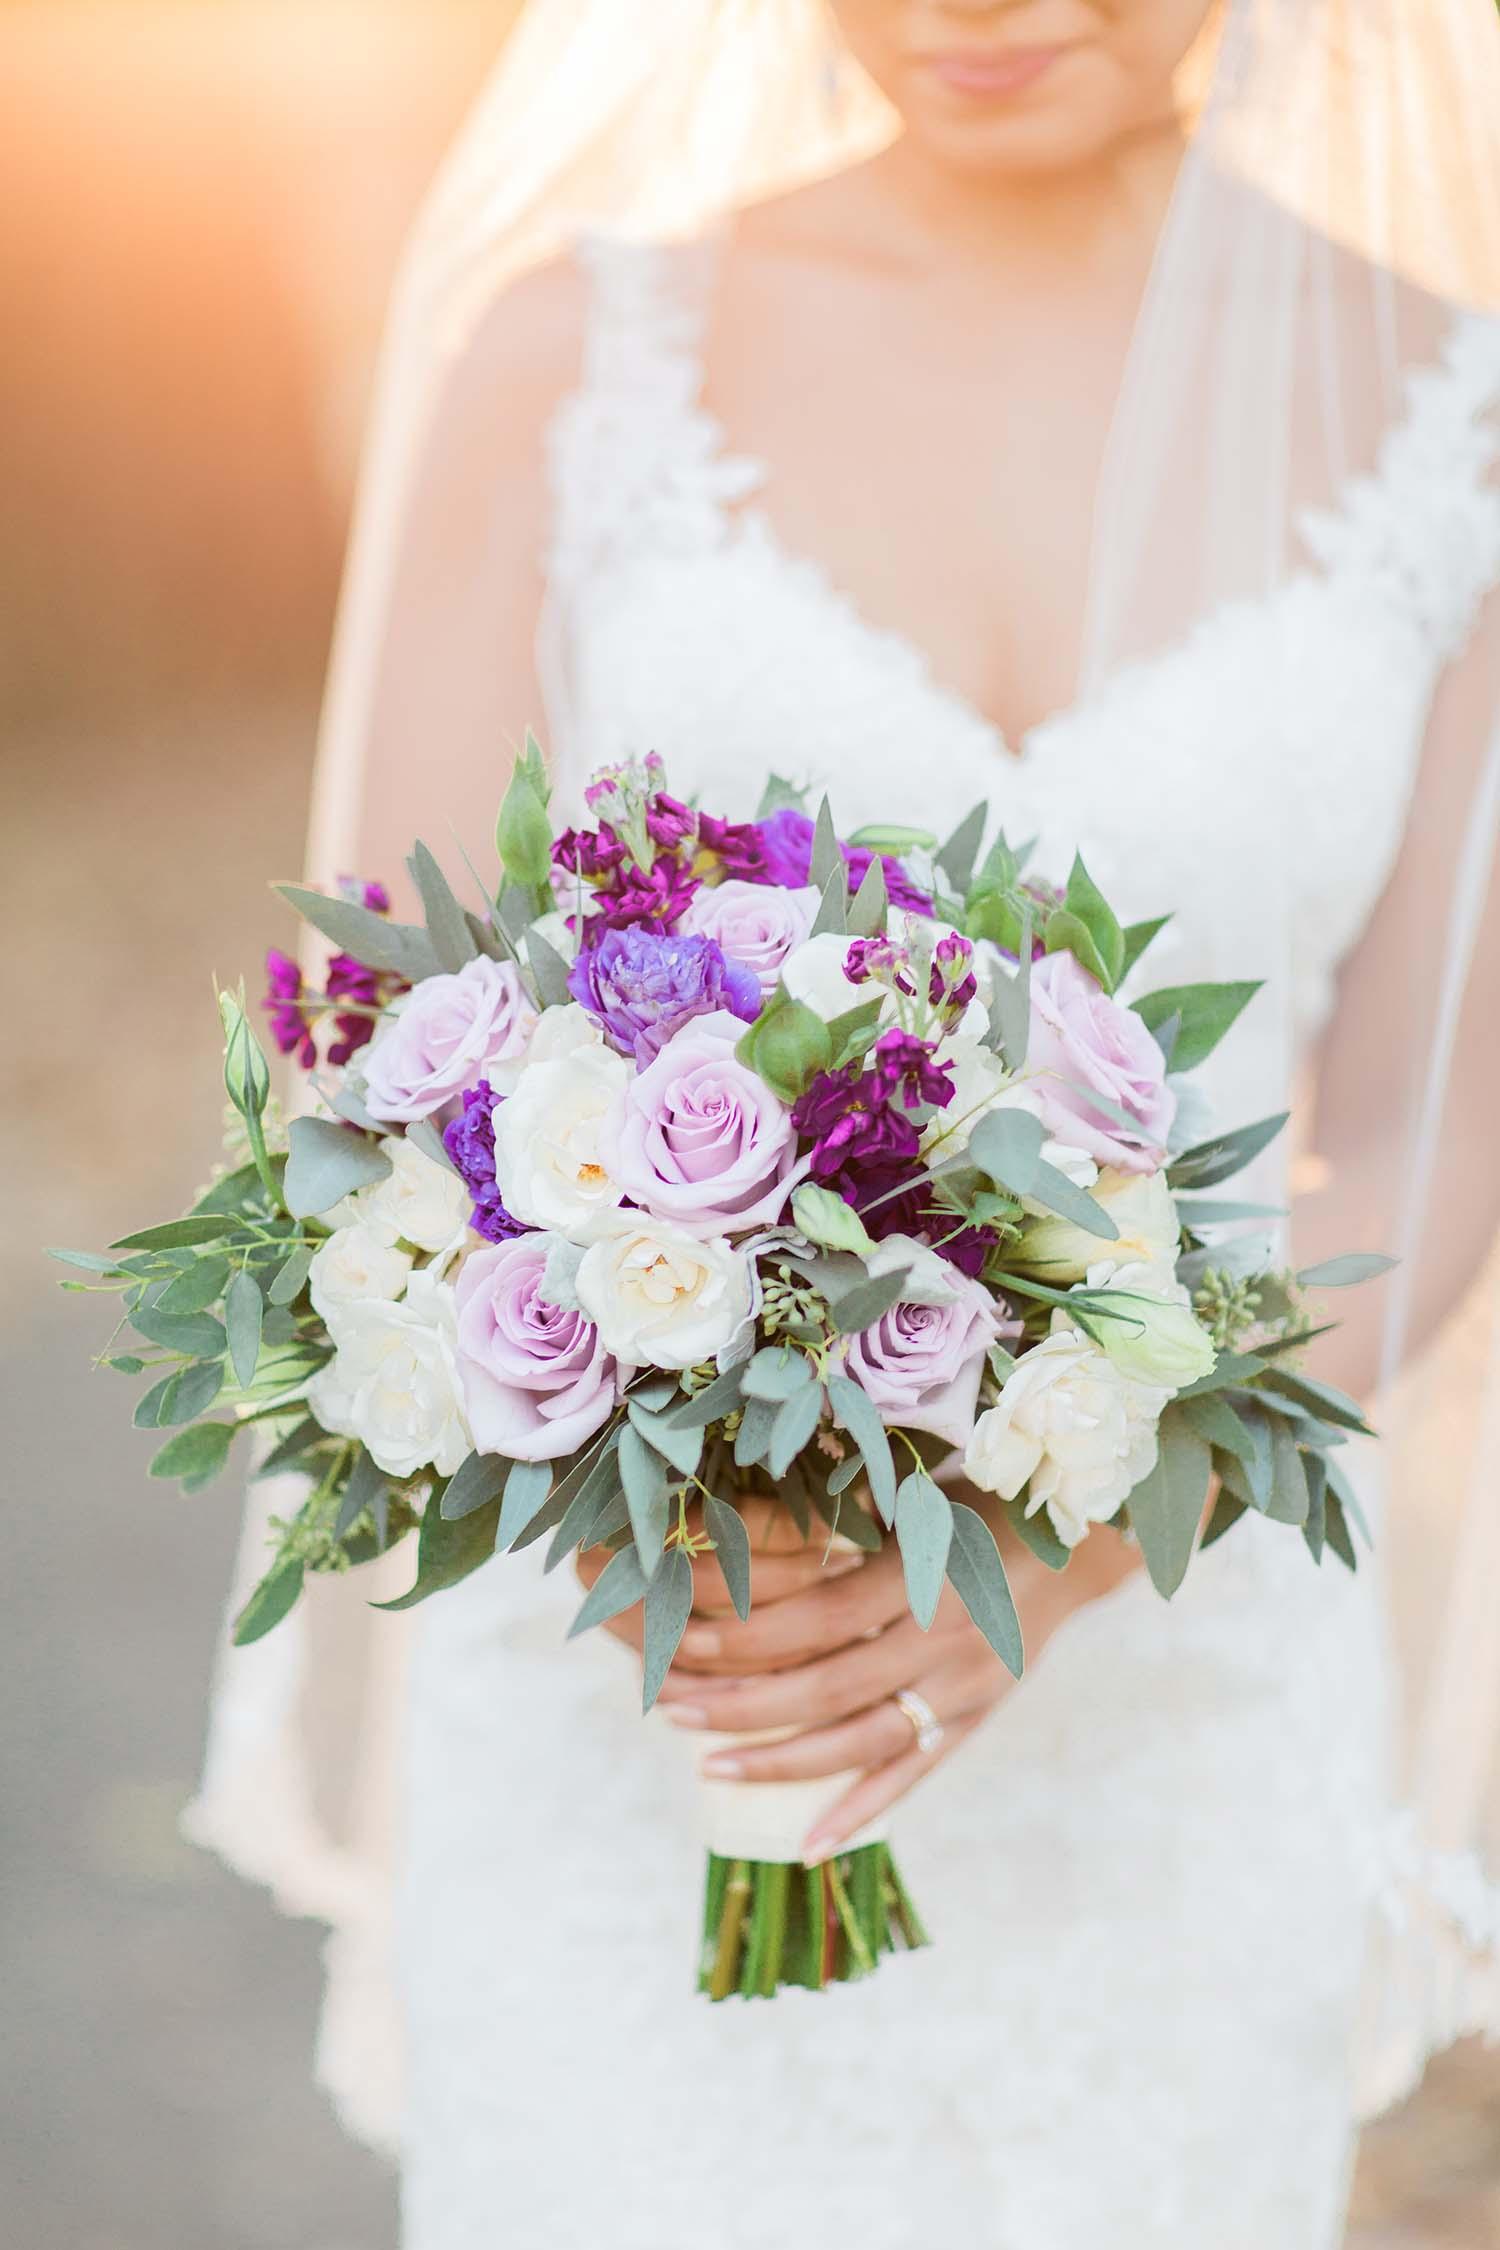 Weddings-0136_resized.jpg